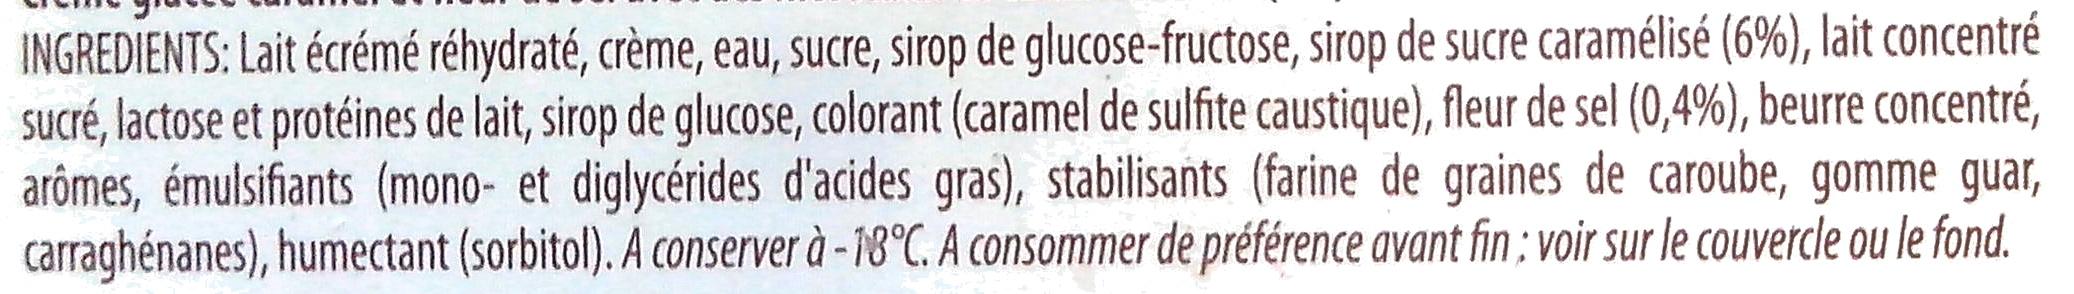 Caramel fleur de sel - Ingrédients